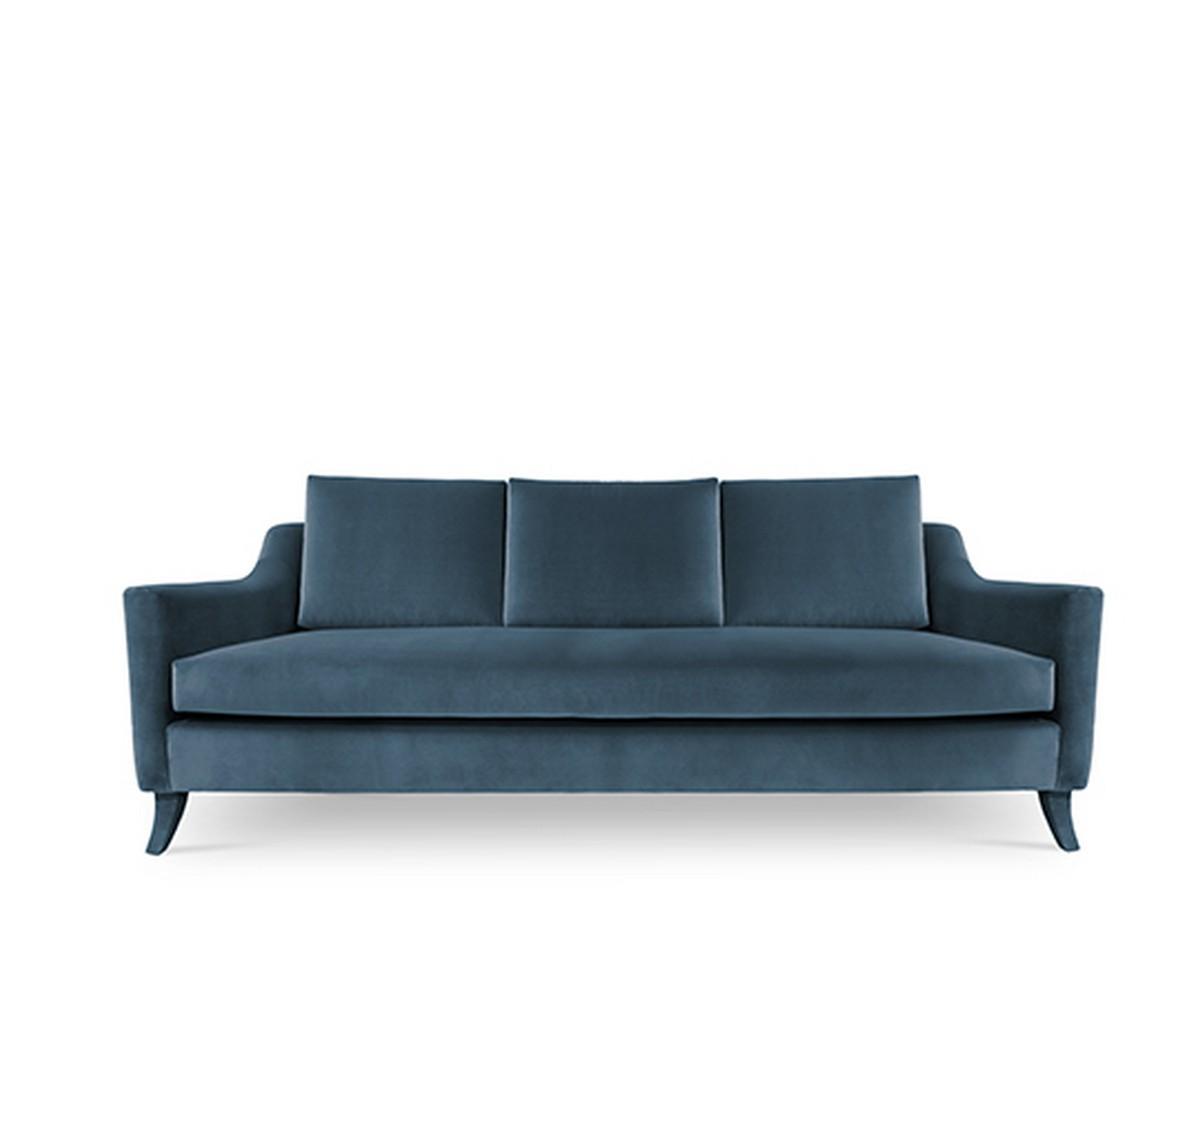 Diseño Moderno: Proyectos minimalistas que puedes encuentrar la simplicidad diseño moderno Diseño Moderno: Proyectos minimalistas que puedes encuentrar la simplicidad Modern Minimal Designs That Find Substance in Simplicity 1